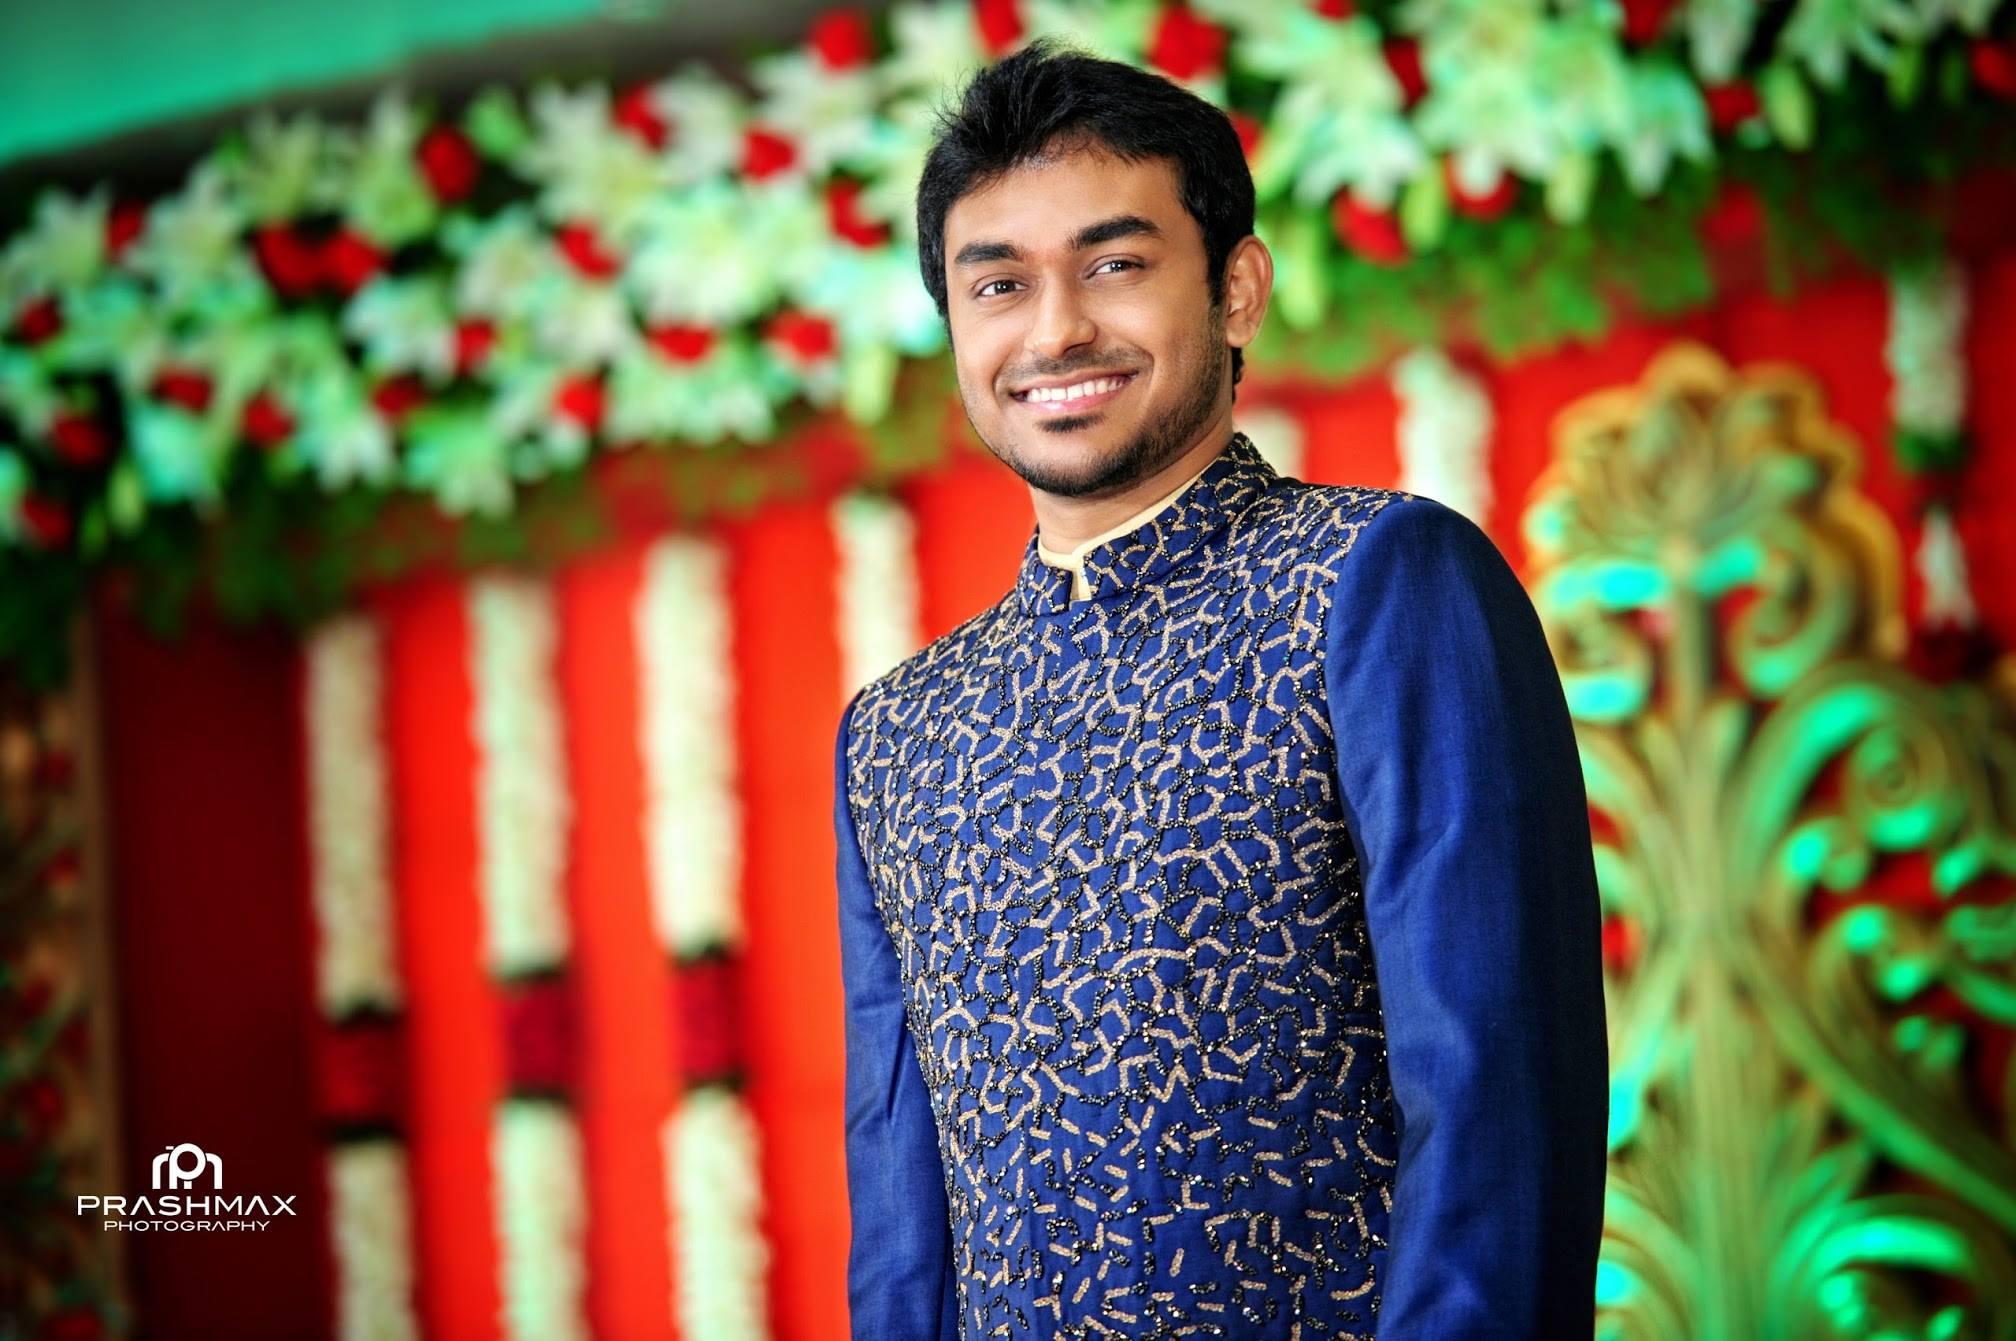 Royal Blue Glittering sherwani